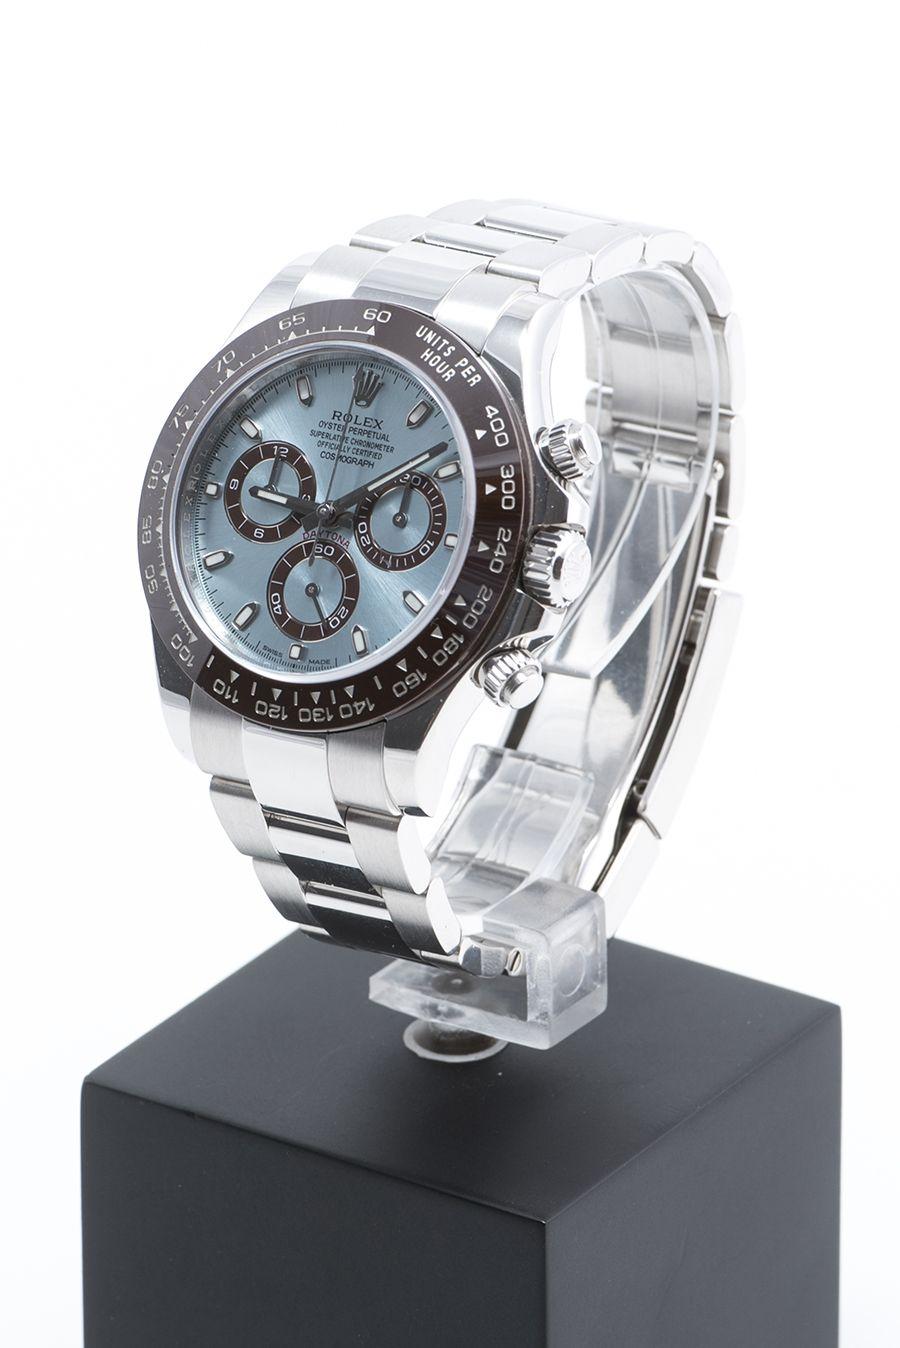 Interesado En Comprar O Vender Tu Reloj En Jorge Barrionuevo Trabajamos Con Las Mejores Marcas Del Mercado Como E Rolex Relojes Rolex Rolex Oyster Perpetual